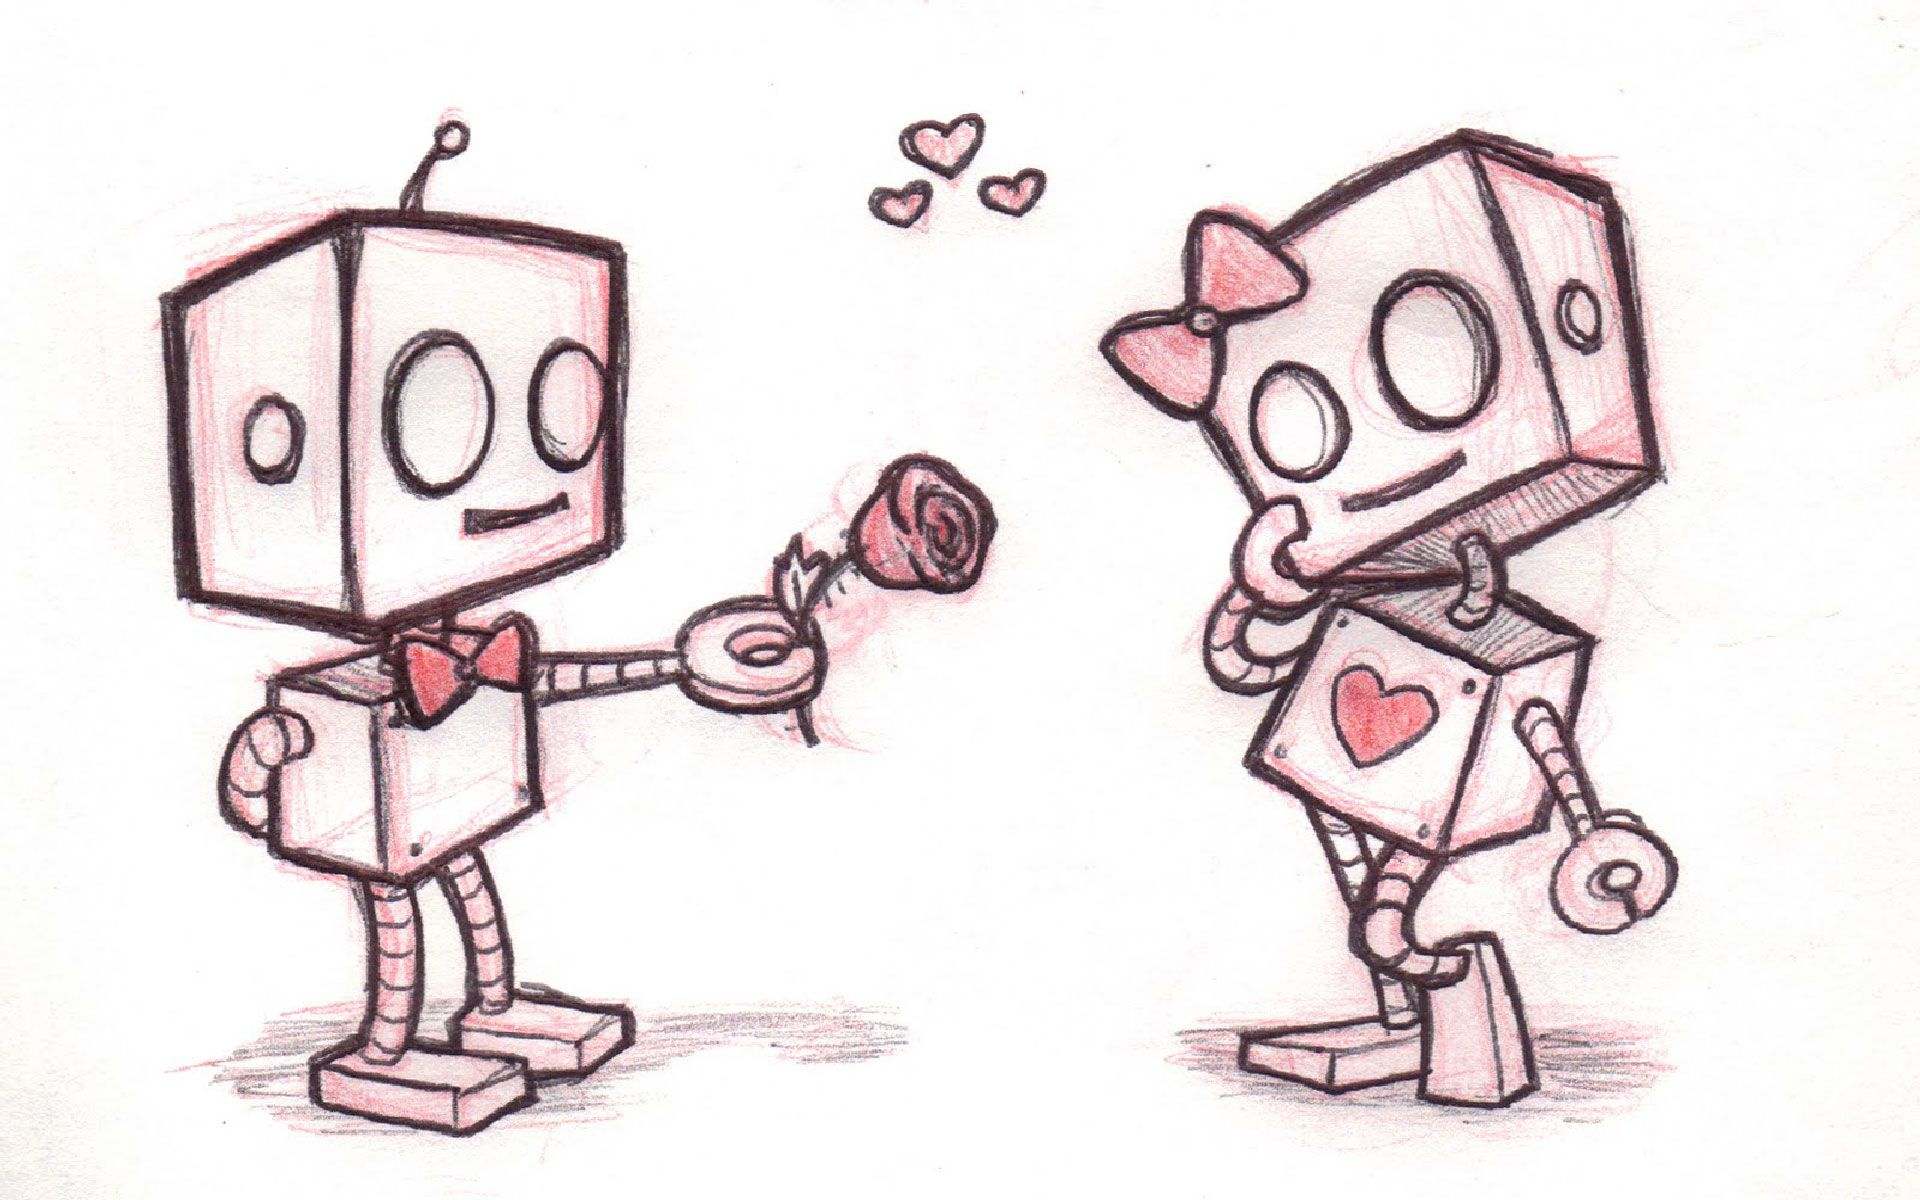 Cute Love Drawings Pencil Art Hd Romantic Sketch Wallpaper Artsy